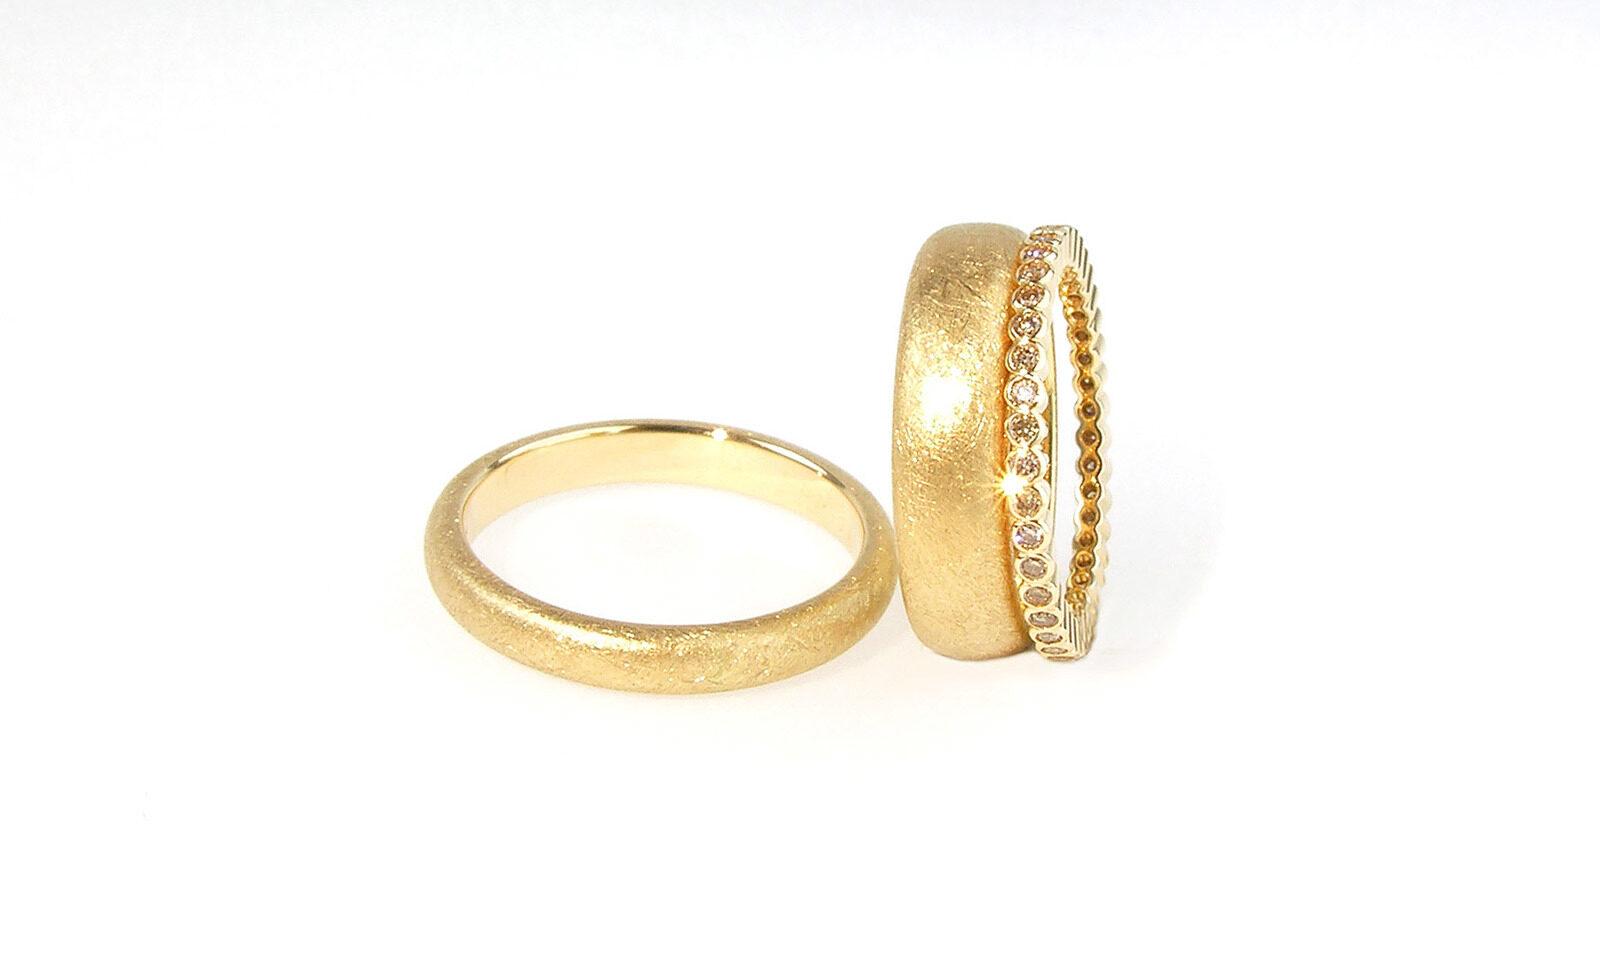 Hochzeitsring Alliance Rosegold. Trauringe Roségold 750, CHF 1200.- / 1500.-, Alliance mit 39 naturfarbenen Brillanten d 1.3 mm, CHF 2400.-